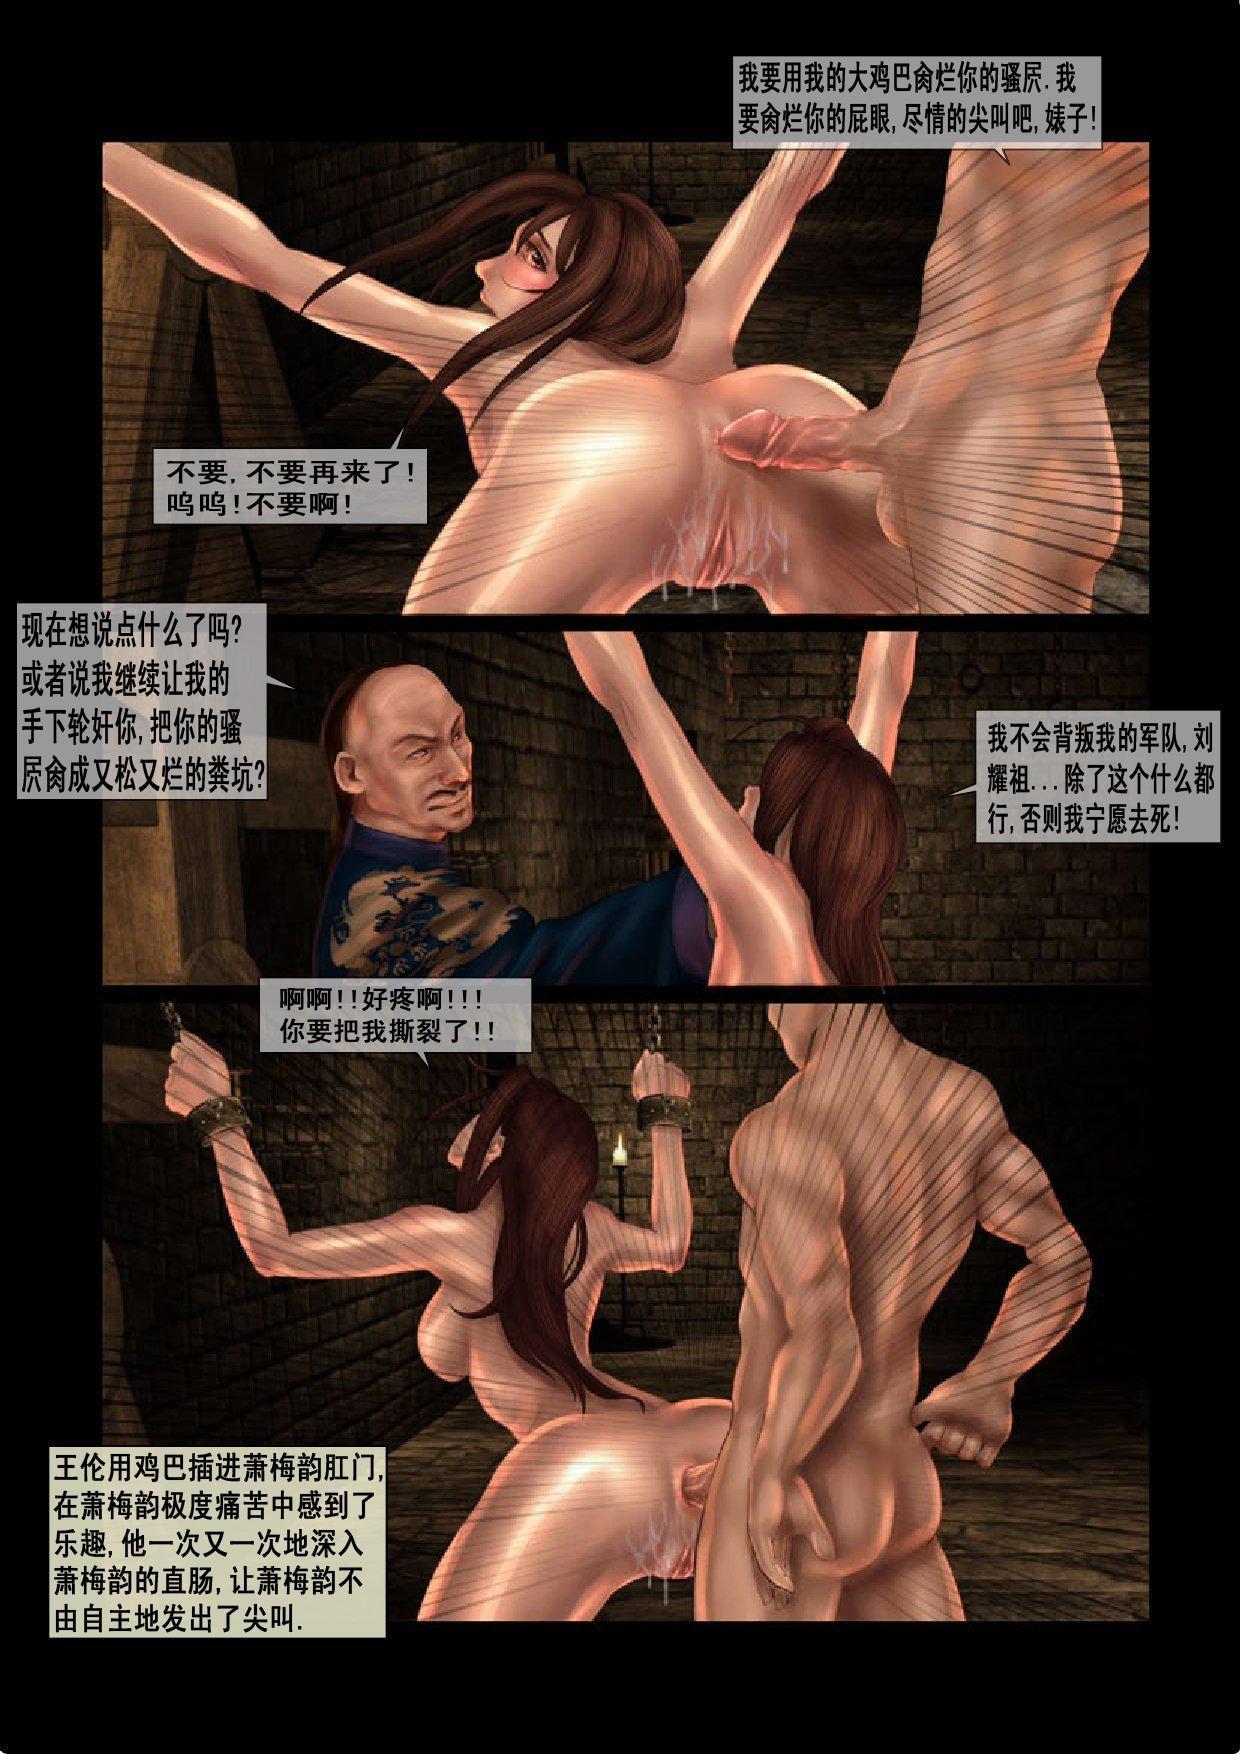 中国军阀的性奴1 25